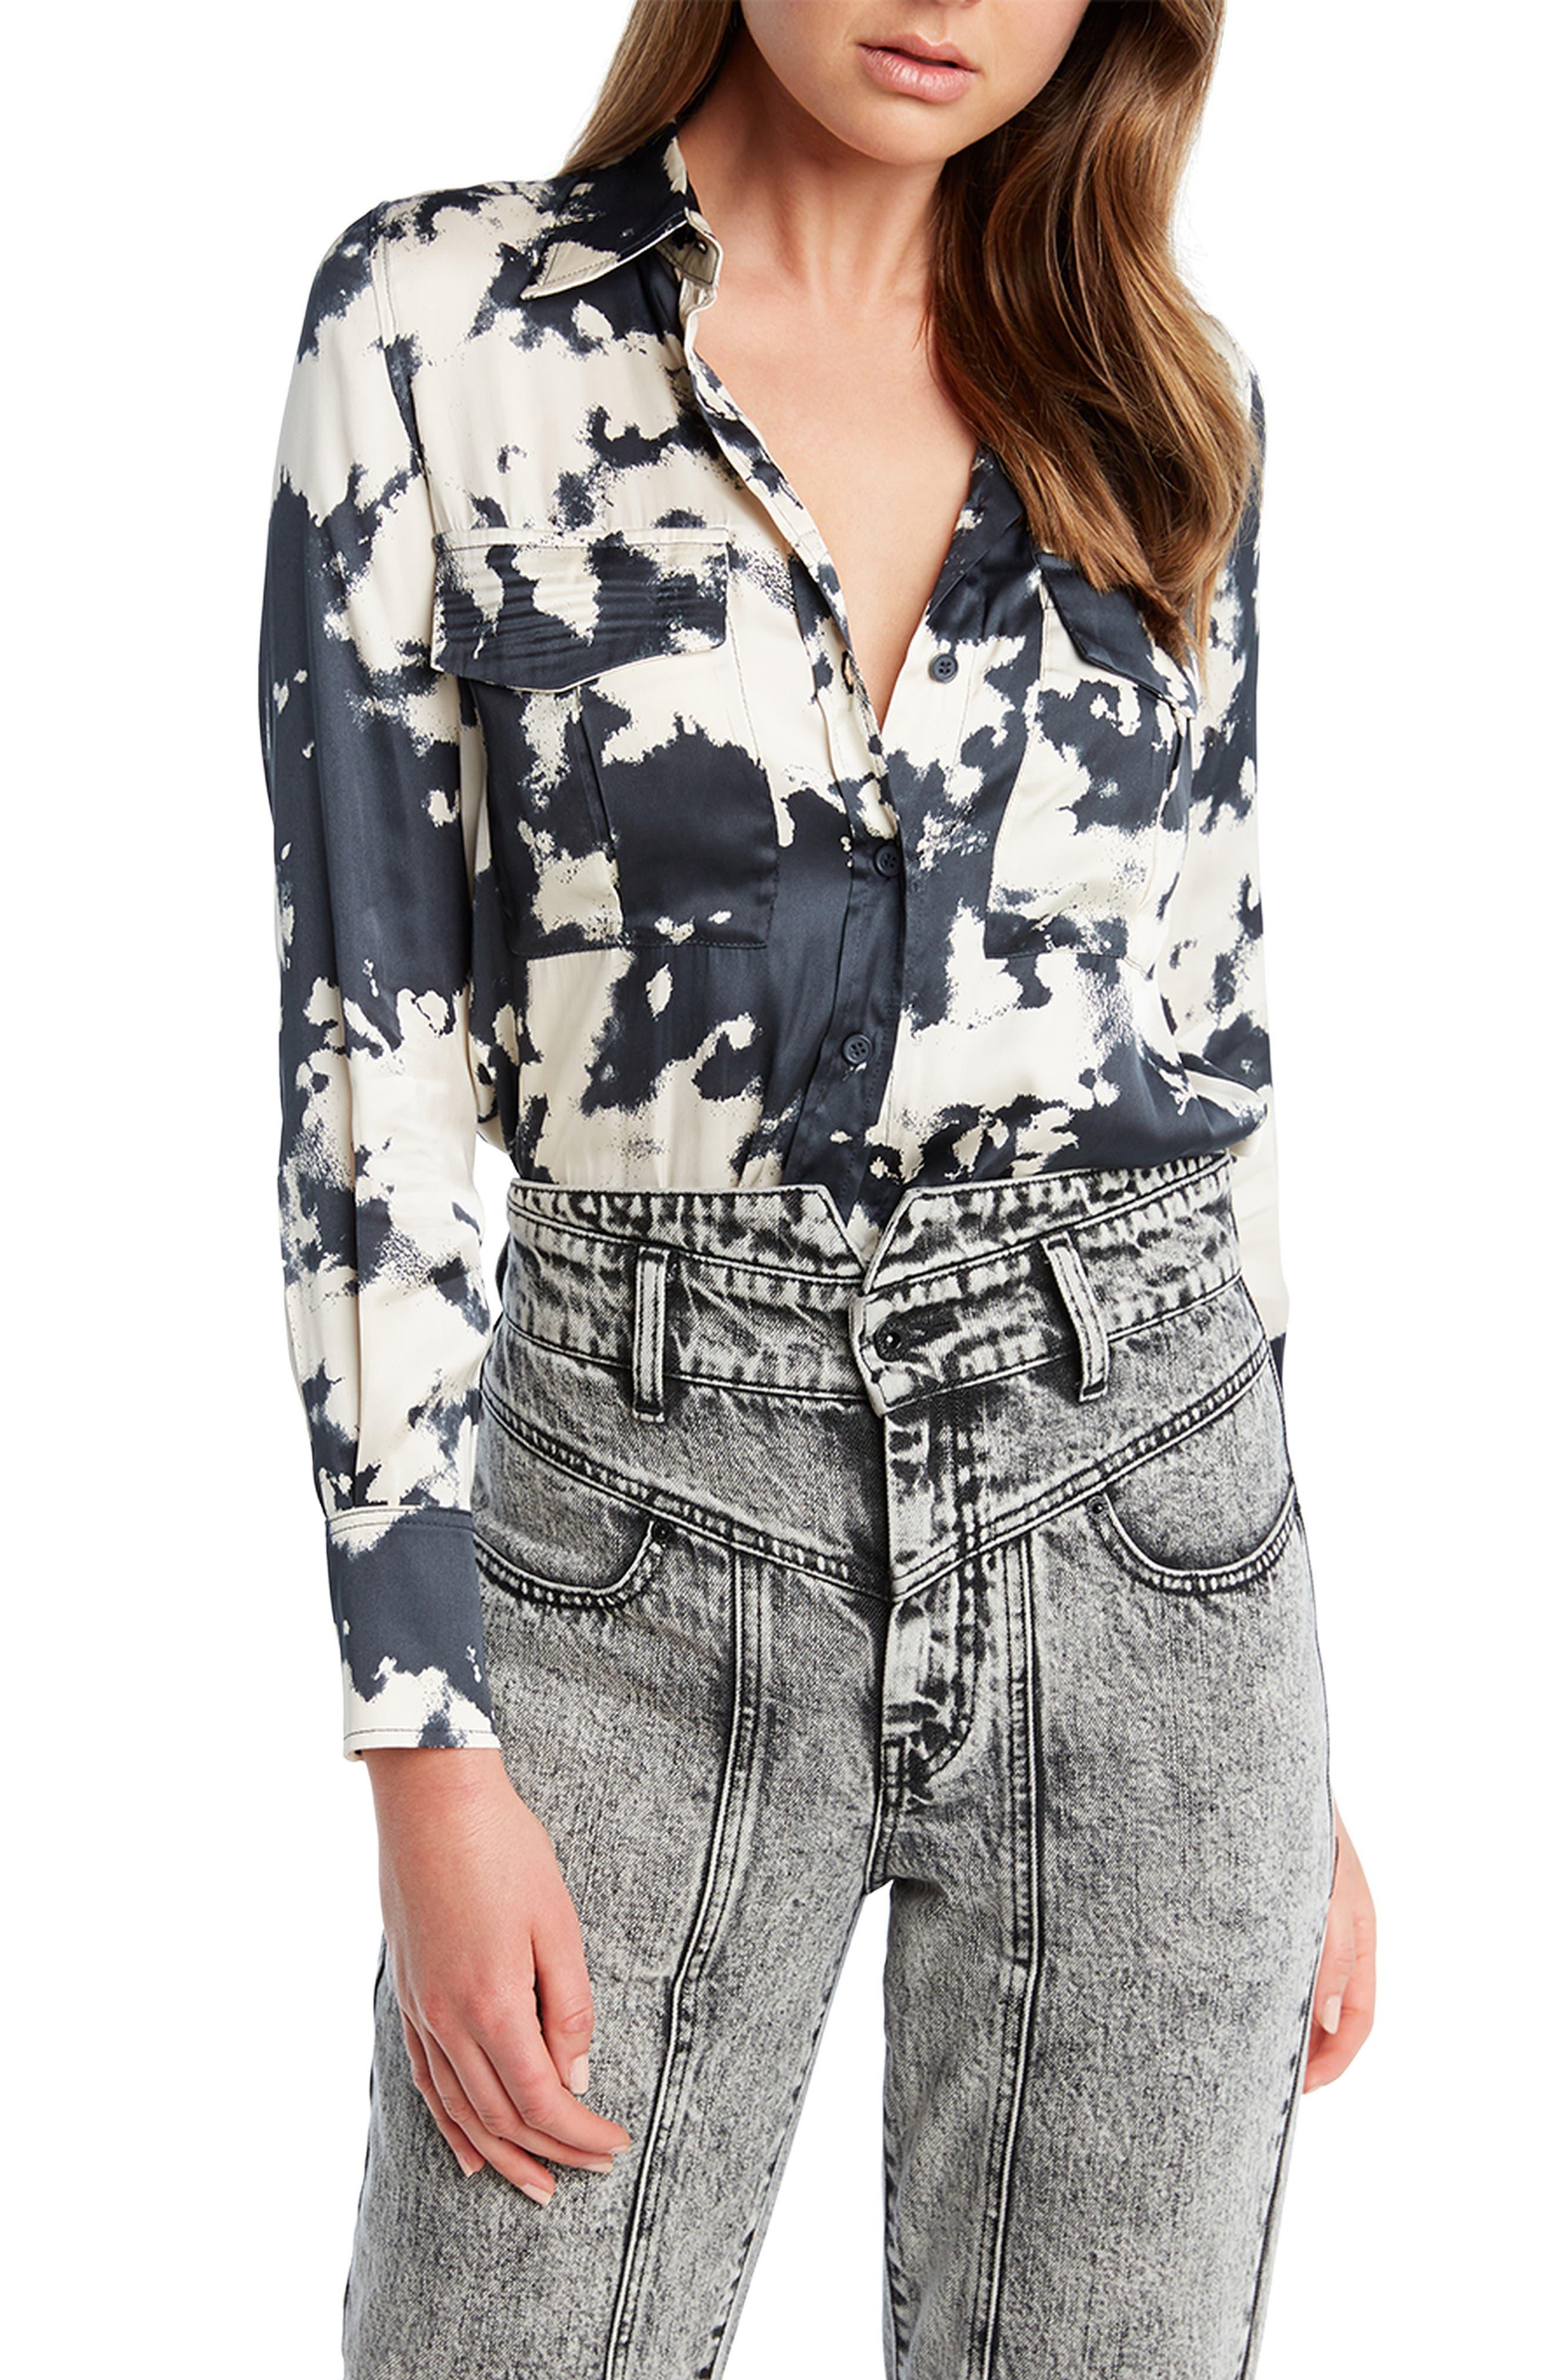 Tie Dye Print Button Up Blouse by Bardot